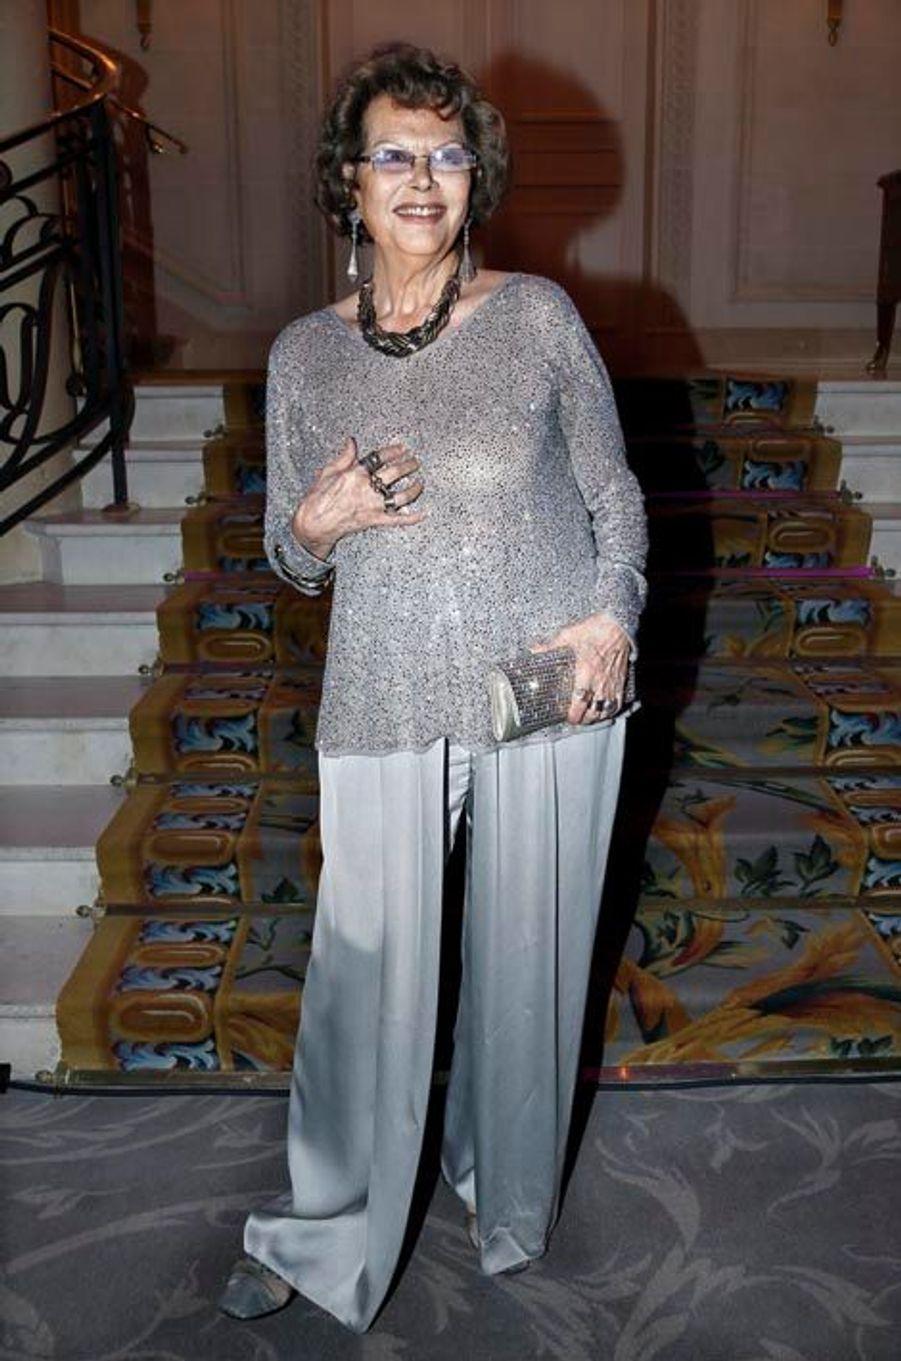 Heureuse grand-mère : Claudia Cardinale a un petit-fils, Milo, 2 mois.